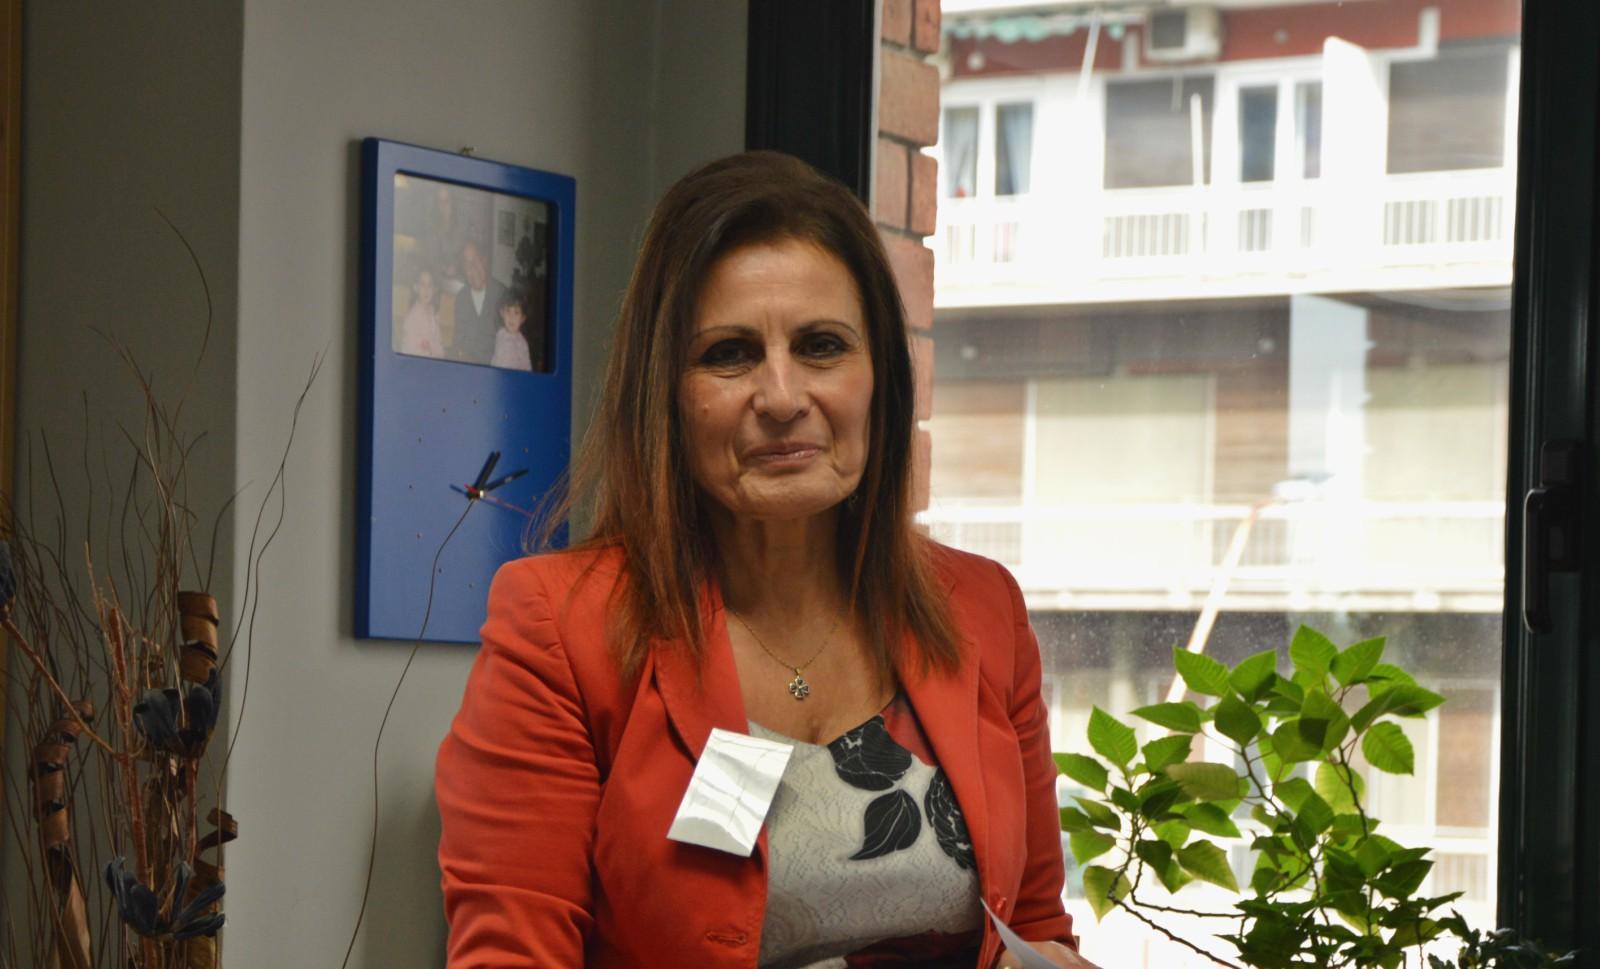 Η κ. Θεοδοσία Νάνου, Ομαδάρχης & υπεύθυνη για τον γραφείο της Επιθεώρησης Φουφόπουλου στο νομό Μαγνησίας